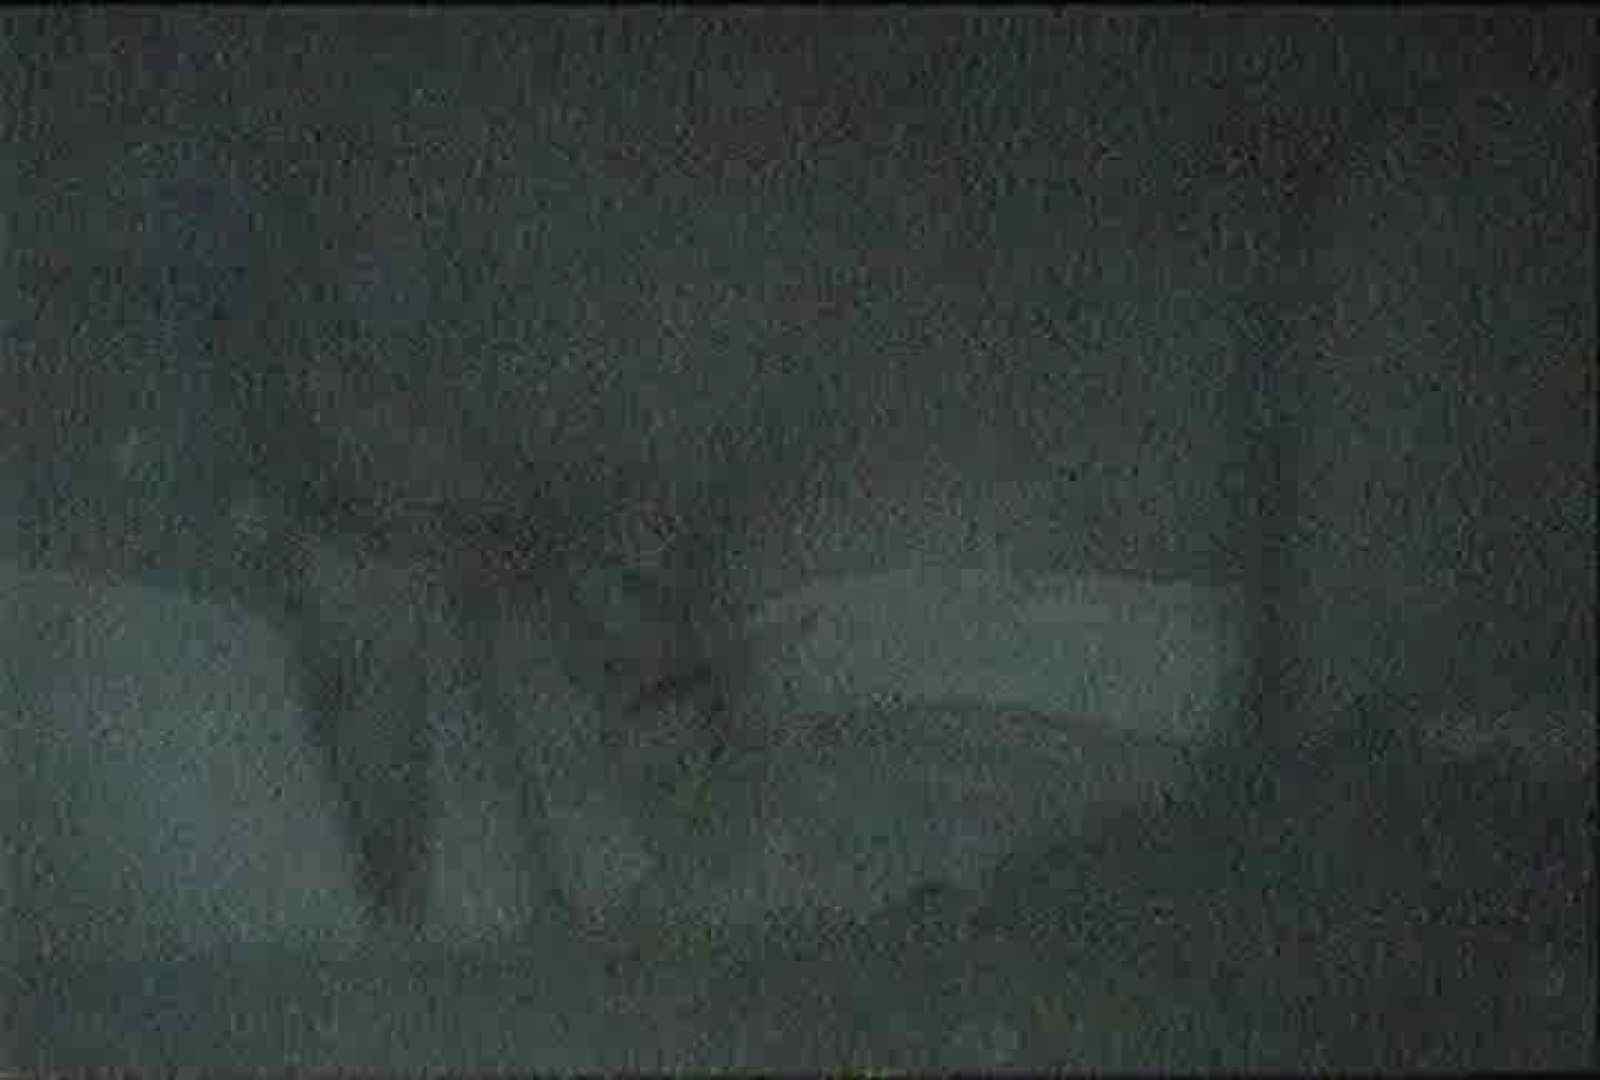 充血監督の深夜の運動会Vol.78 OLセックス  72画像 34